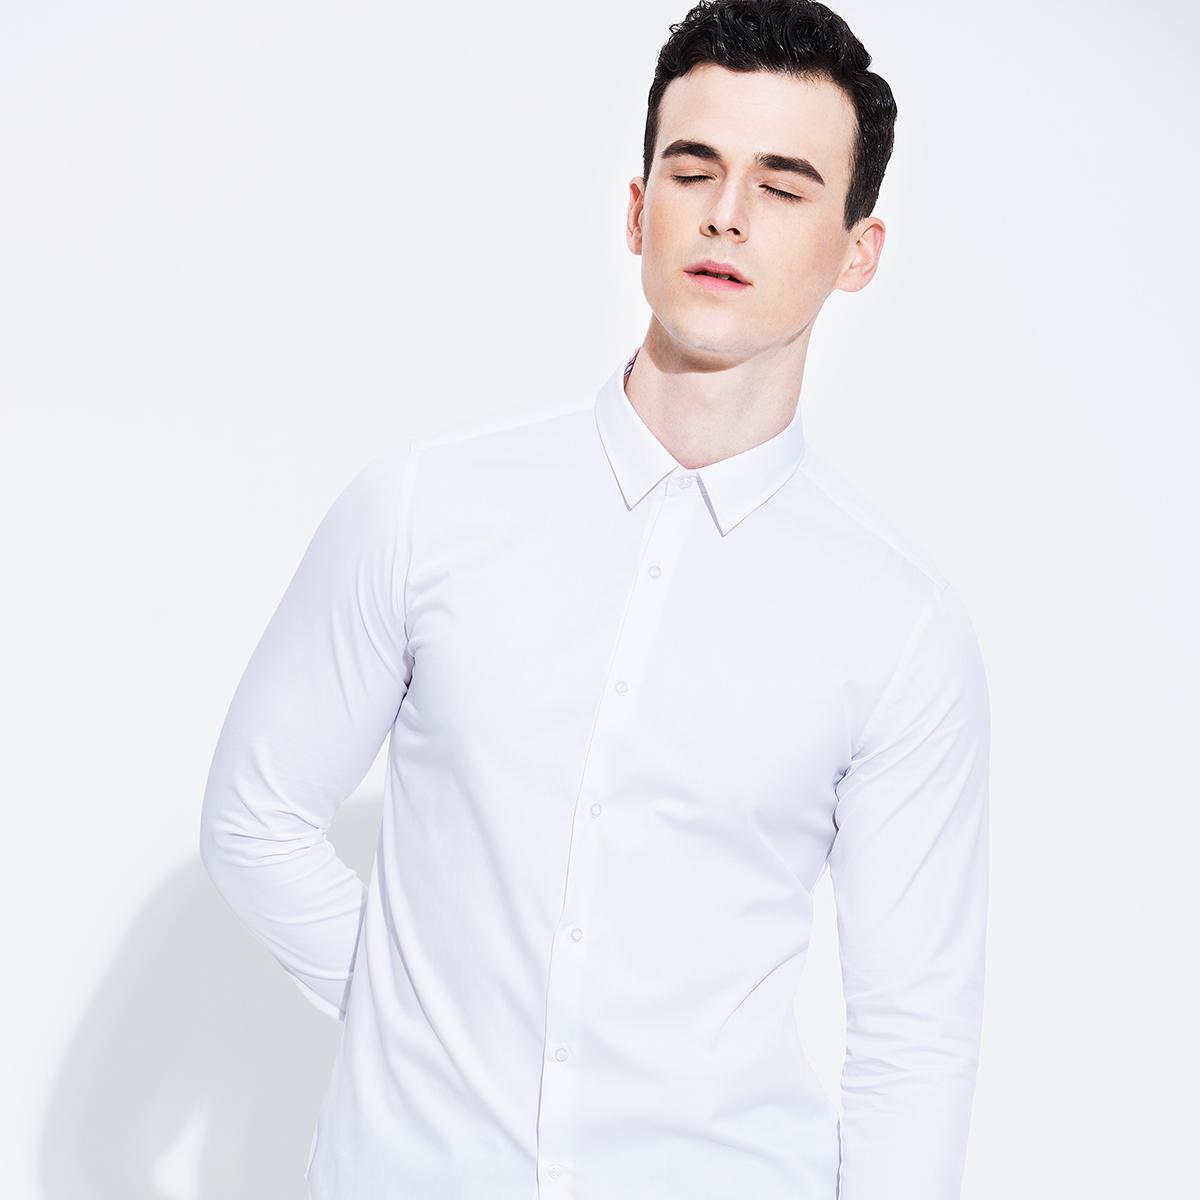 有男愹il��9f�Y_【ilhit依乐海官网】依乐海 白色衬衫男长袖修身衬衫